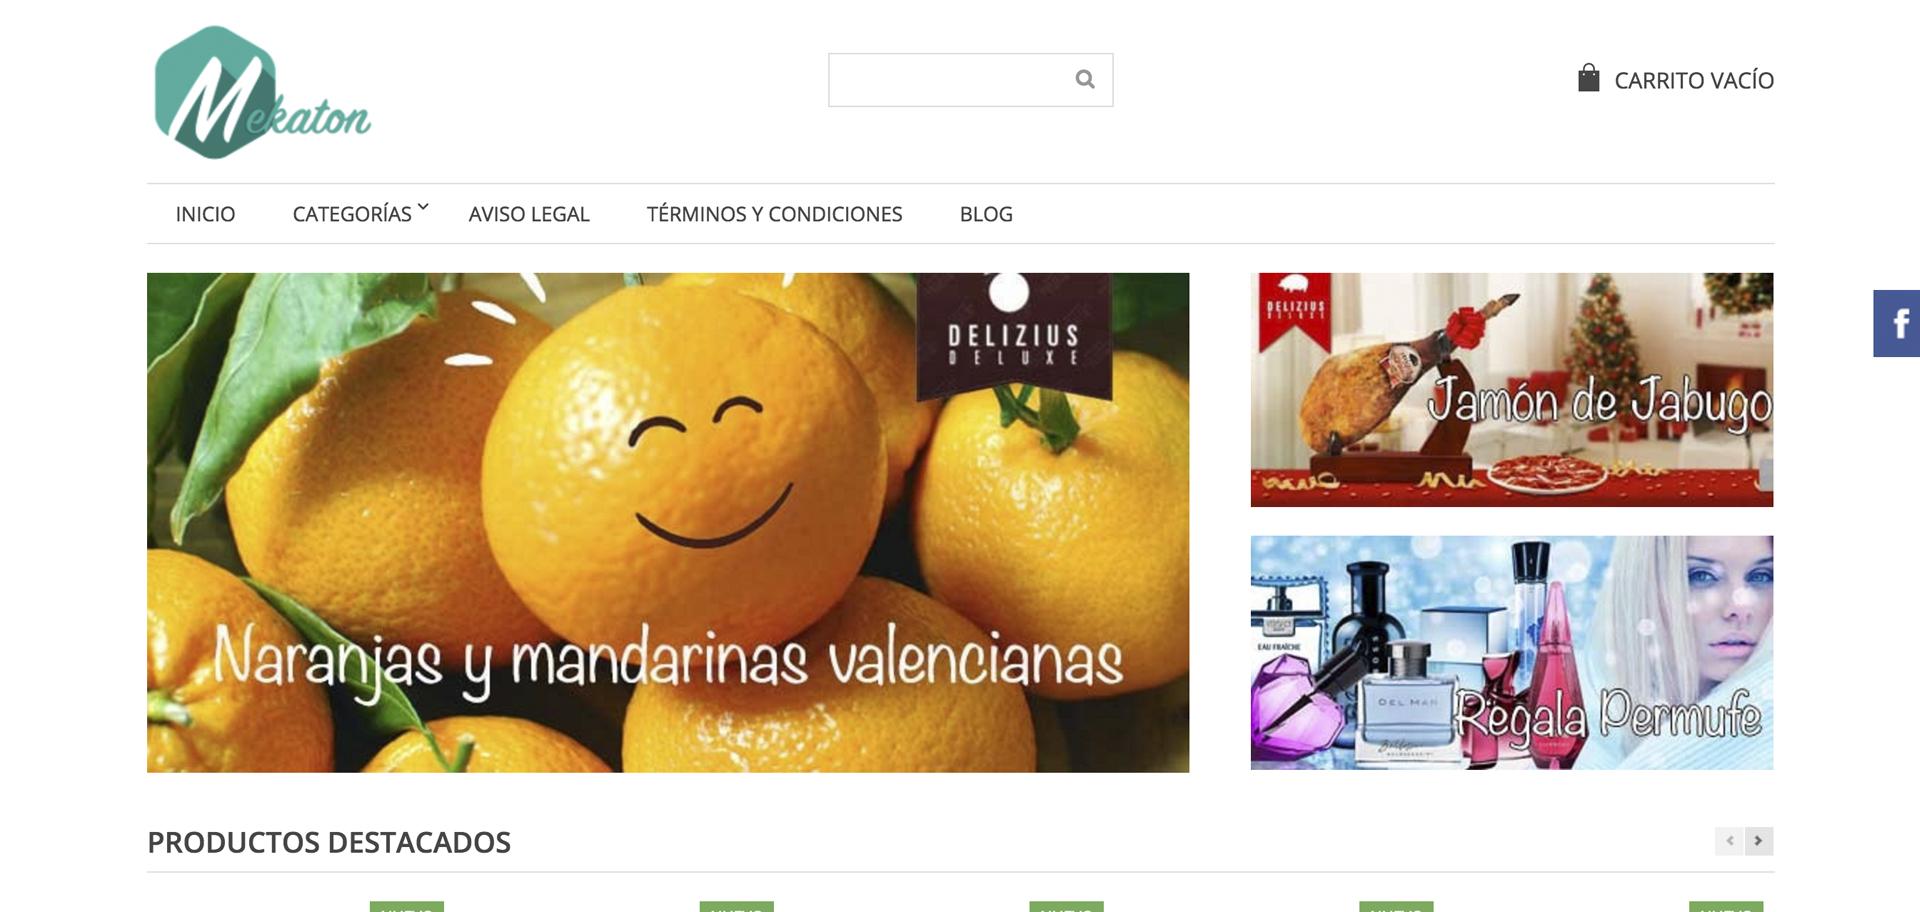 web de mekaton diseñado por xeral.net